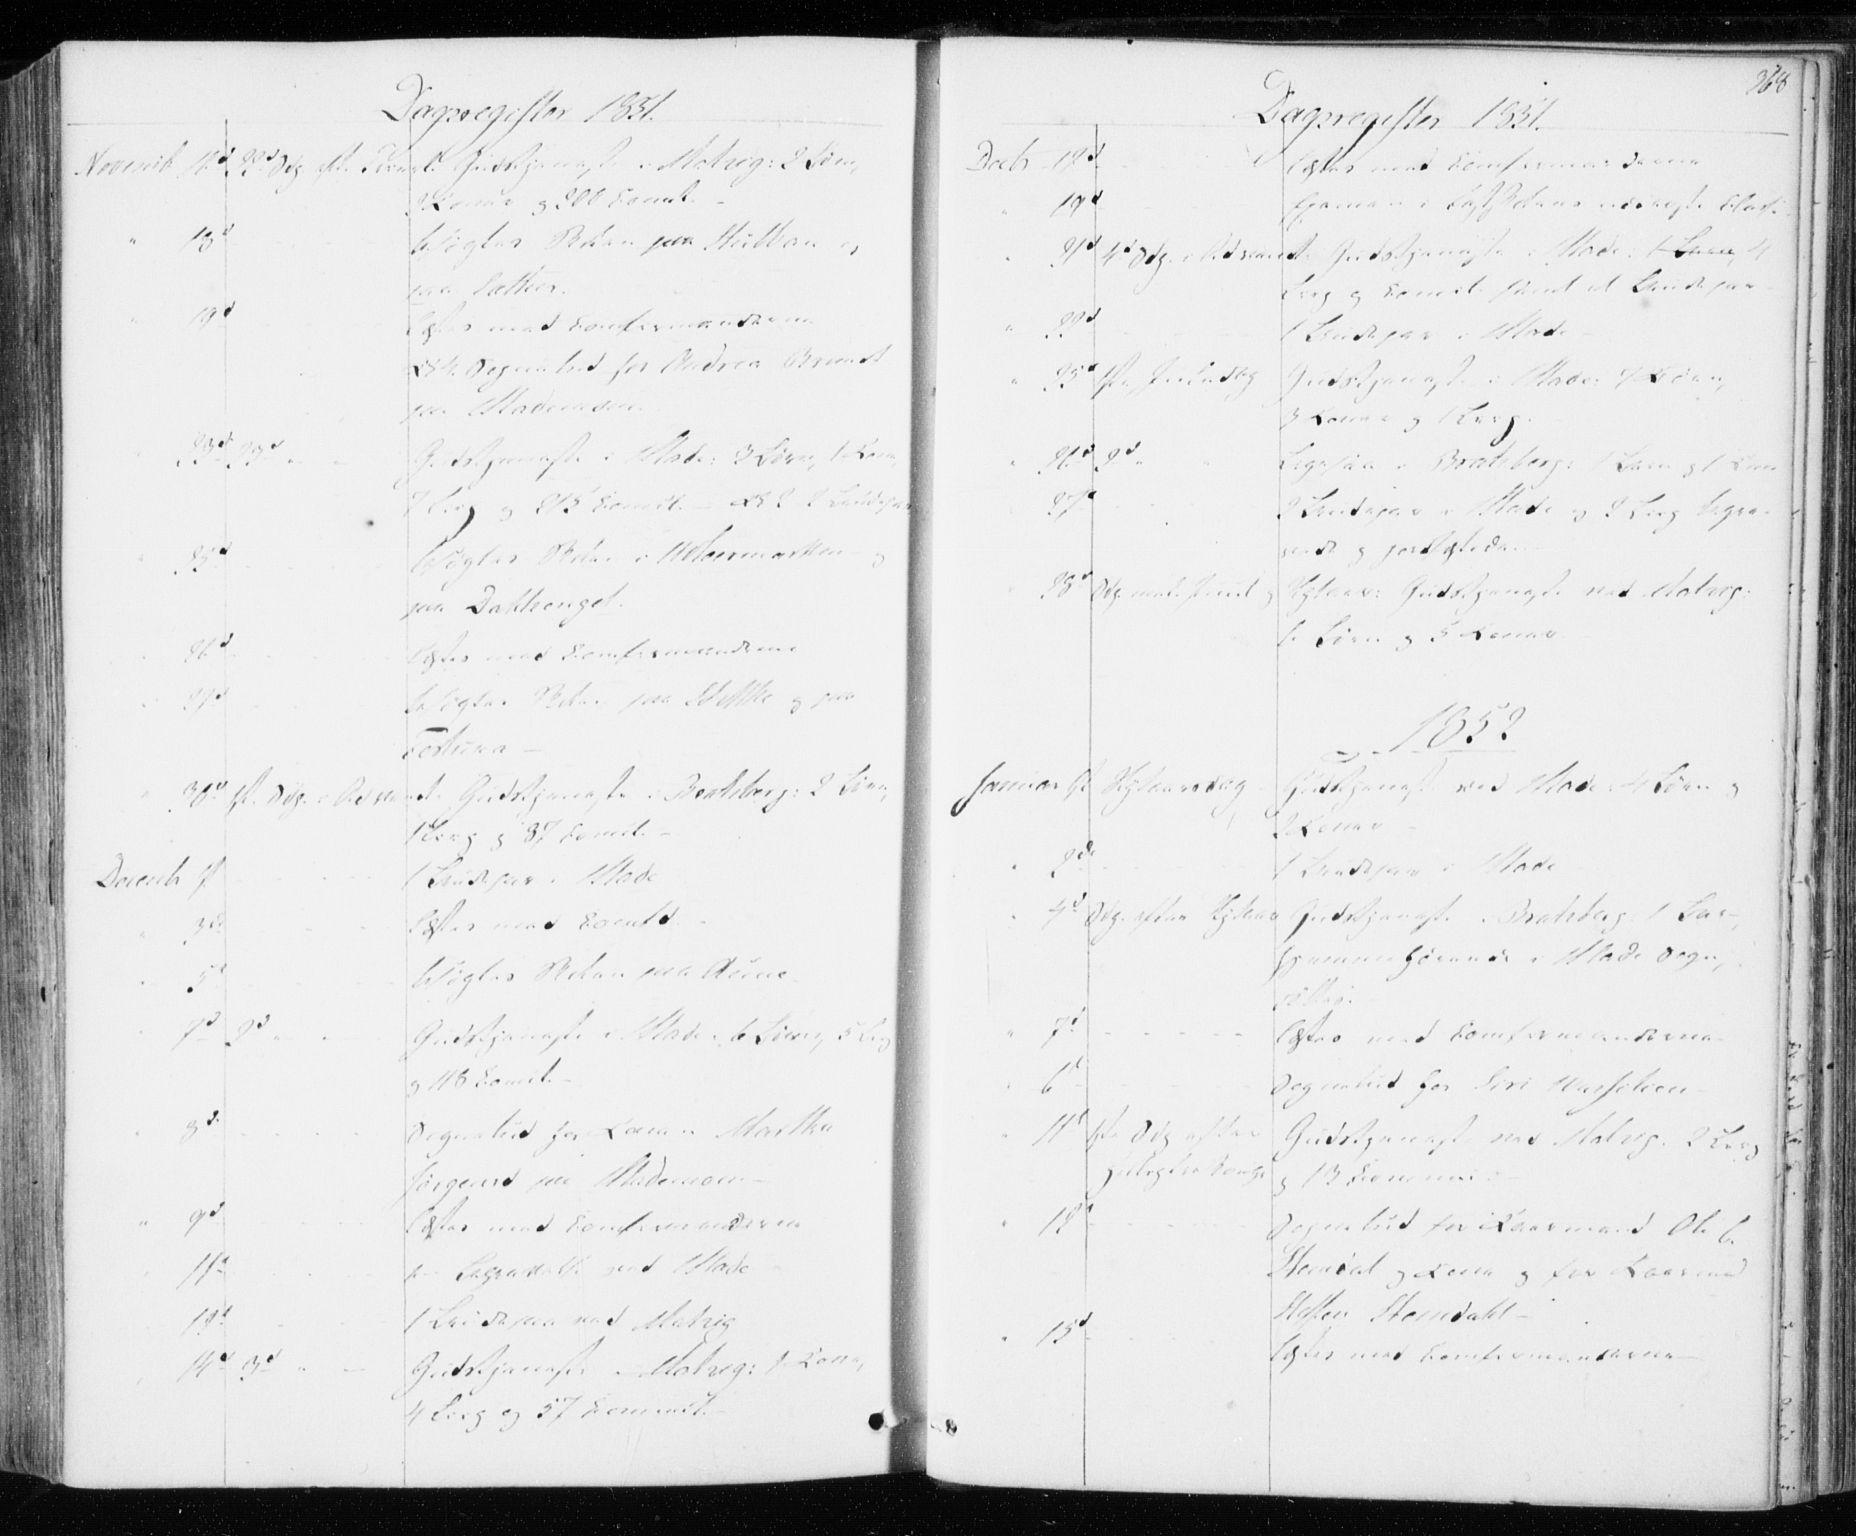 SAT, Ministerialprotokoller, klokkerbøker og fødselsregistre - Sør-Trøndelag, 606/L0291: Ministerialbok nr. 606A06, 1848-1856, s. 368